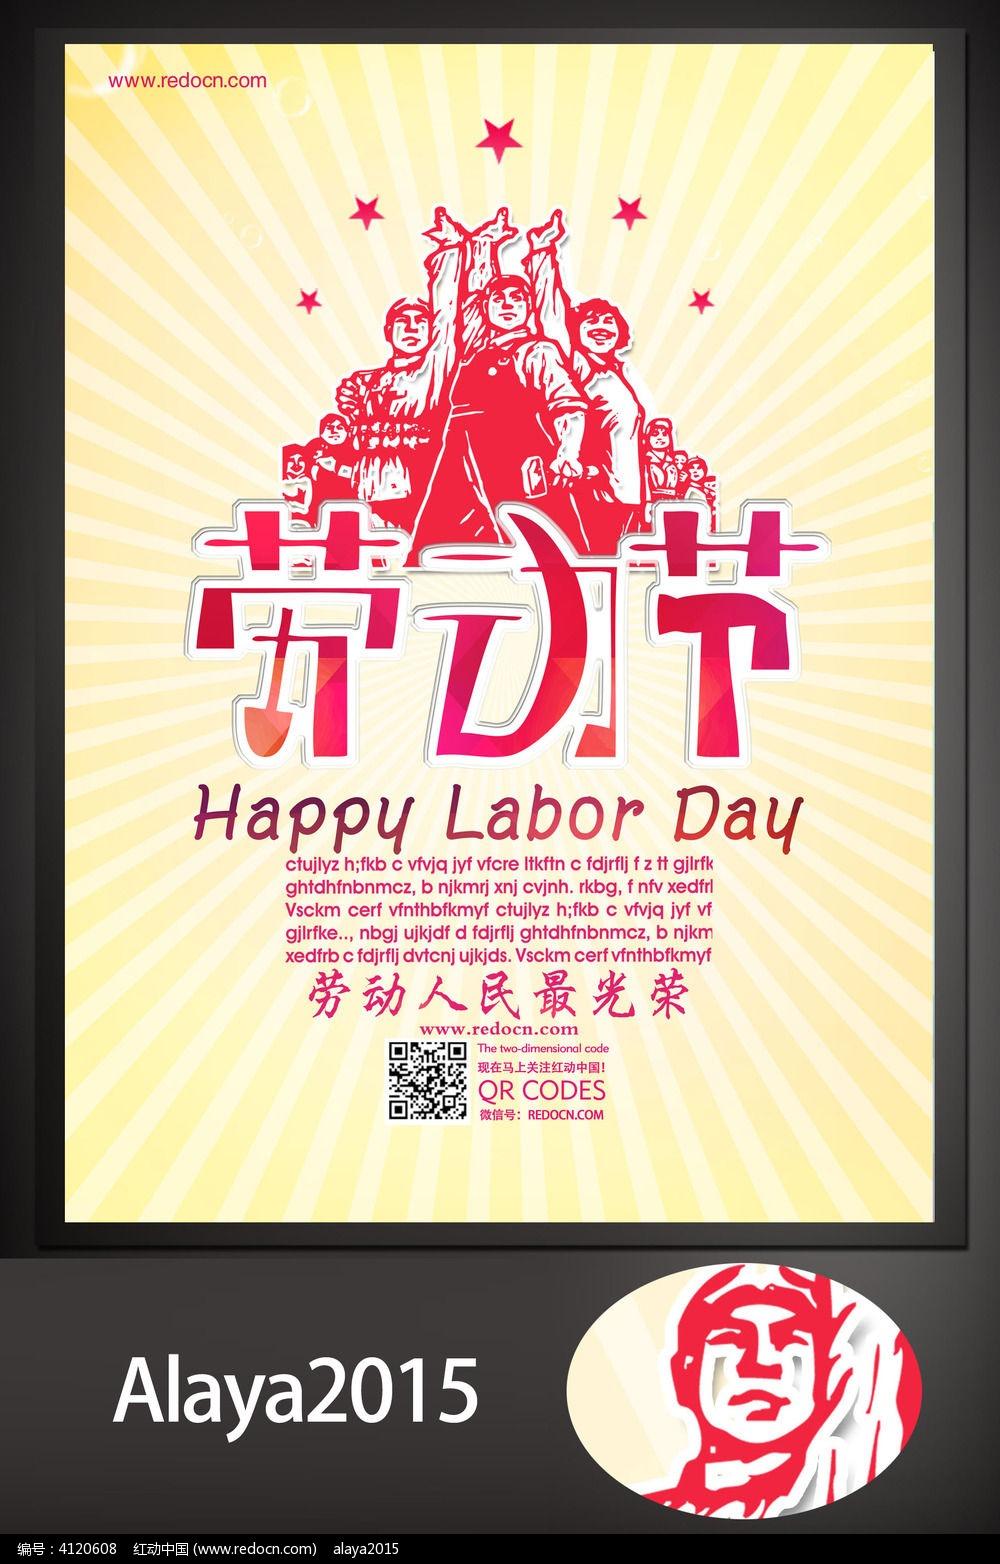 劳动节活动海报设计psd素材下载